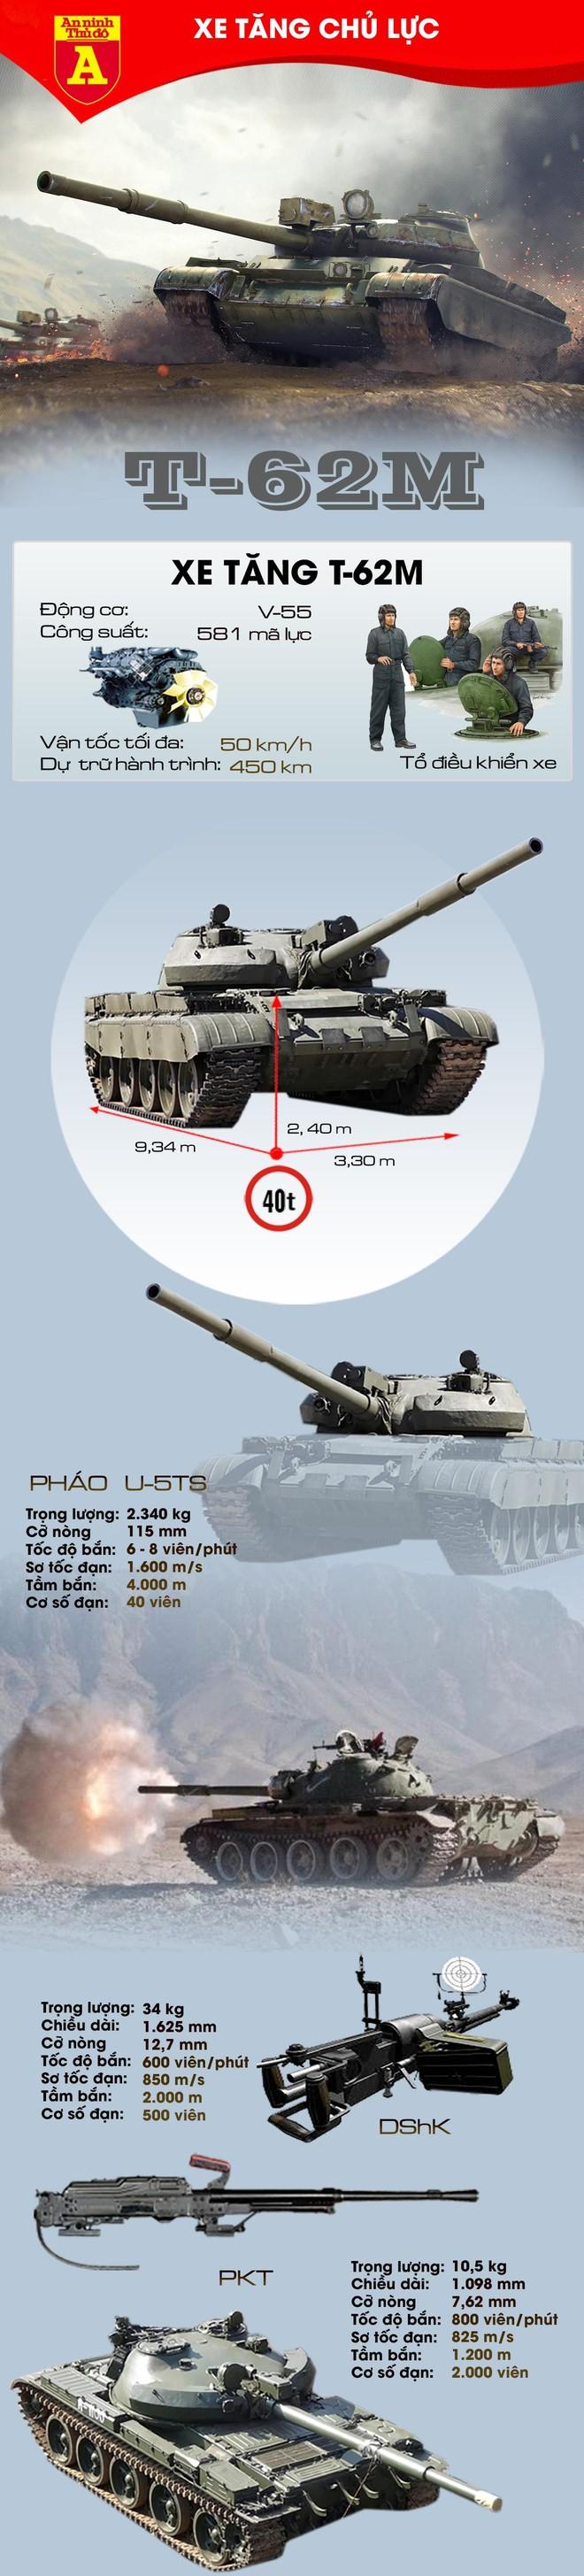 [Info] Vừa thu được từ Mỹ, thiết giáp hiện đại của Taliban đã bị T-62M bắn tan xác ảnh 3